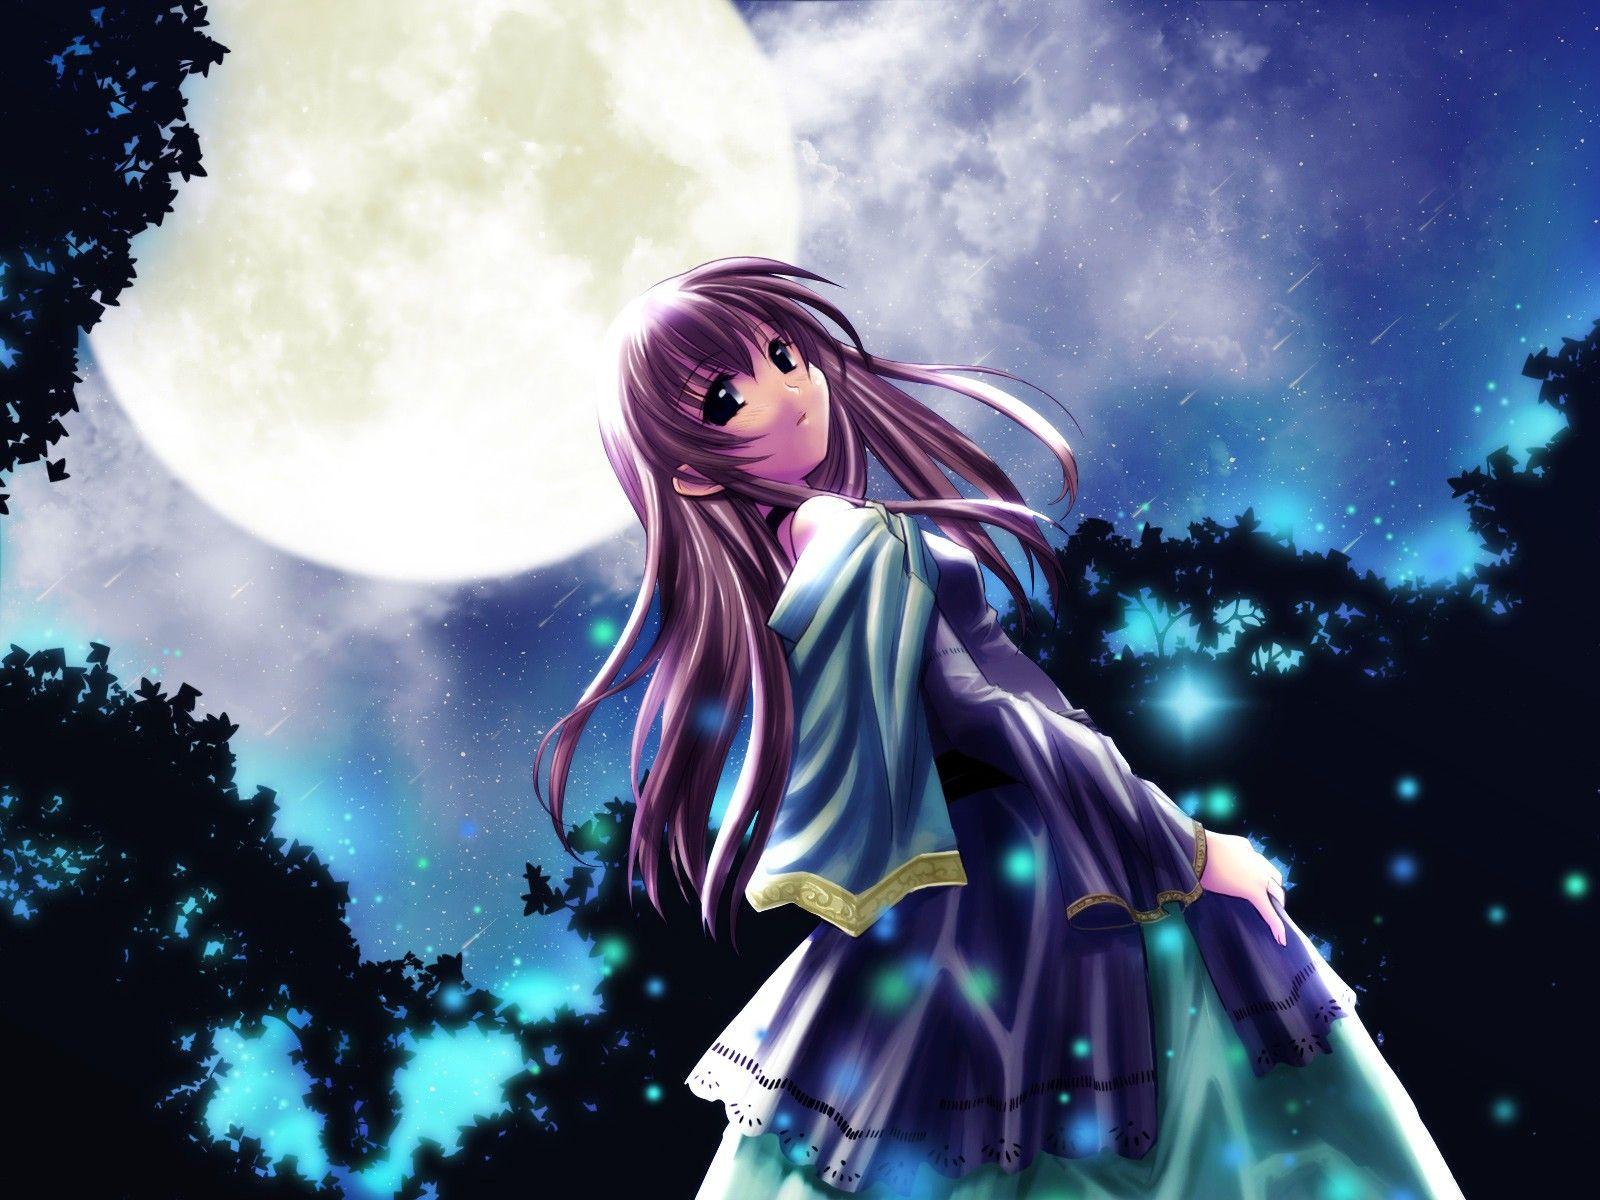 Anime girl at night anime girls pinterest